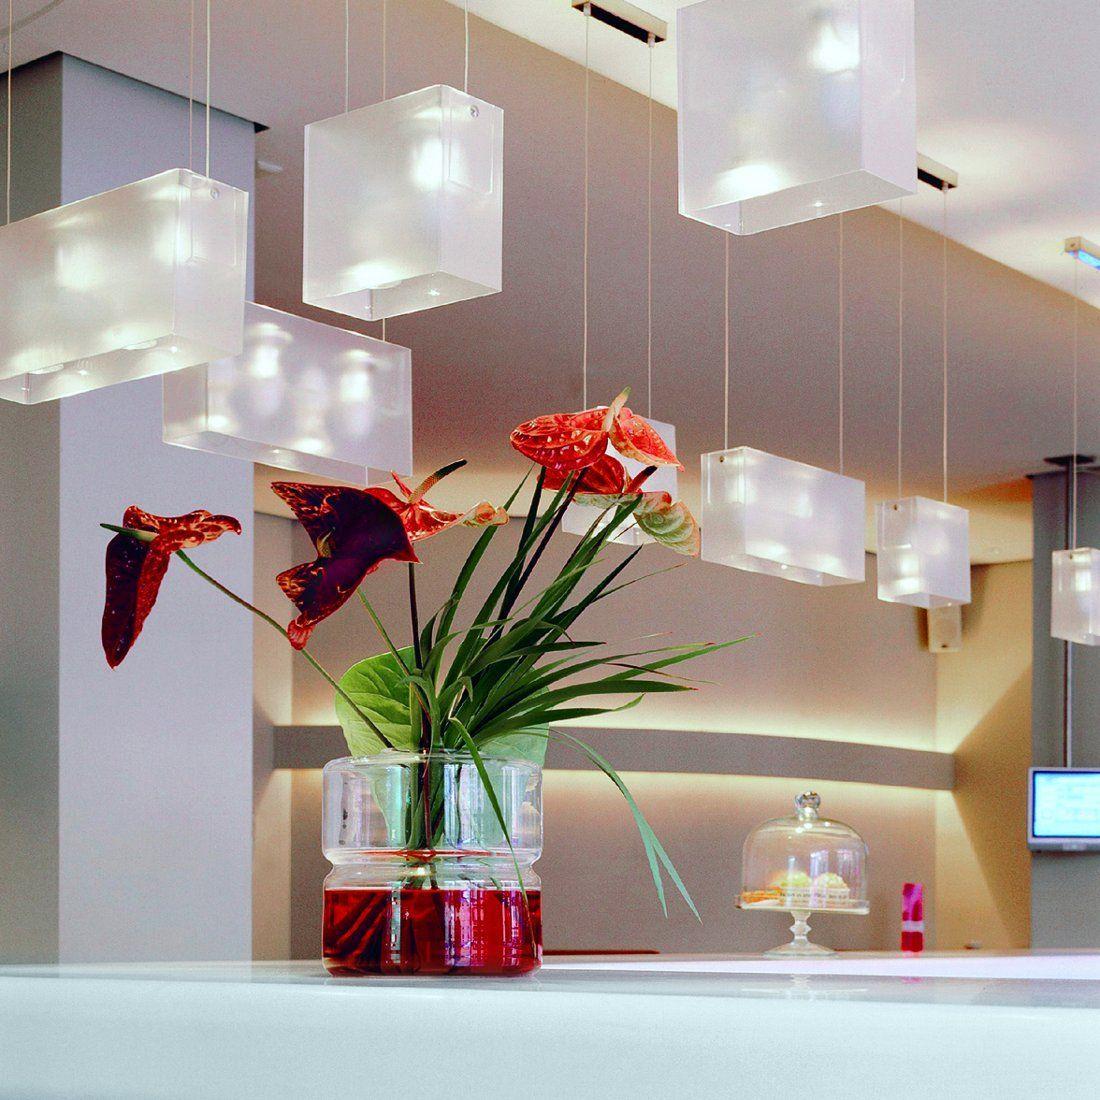 forum lampadario cucinino luminoso. Black Bedroom Furniture Sets. Home Design Ideas